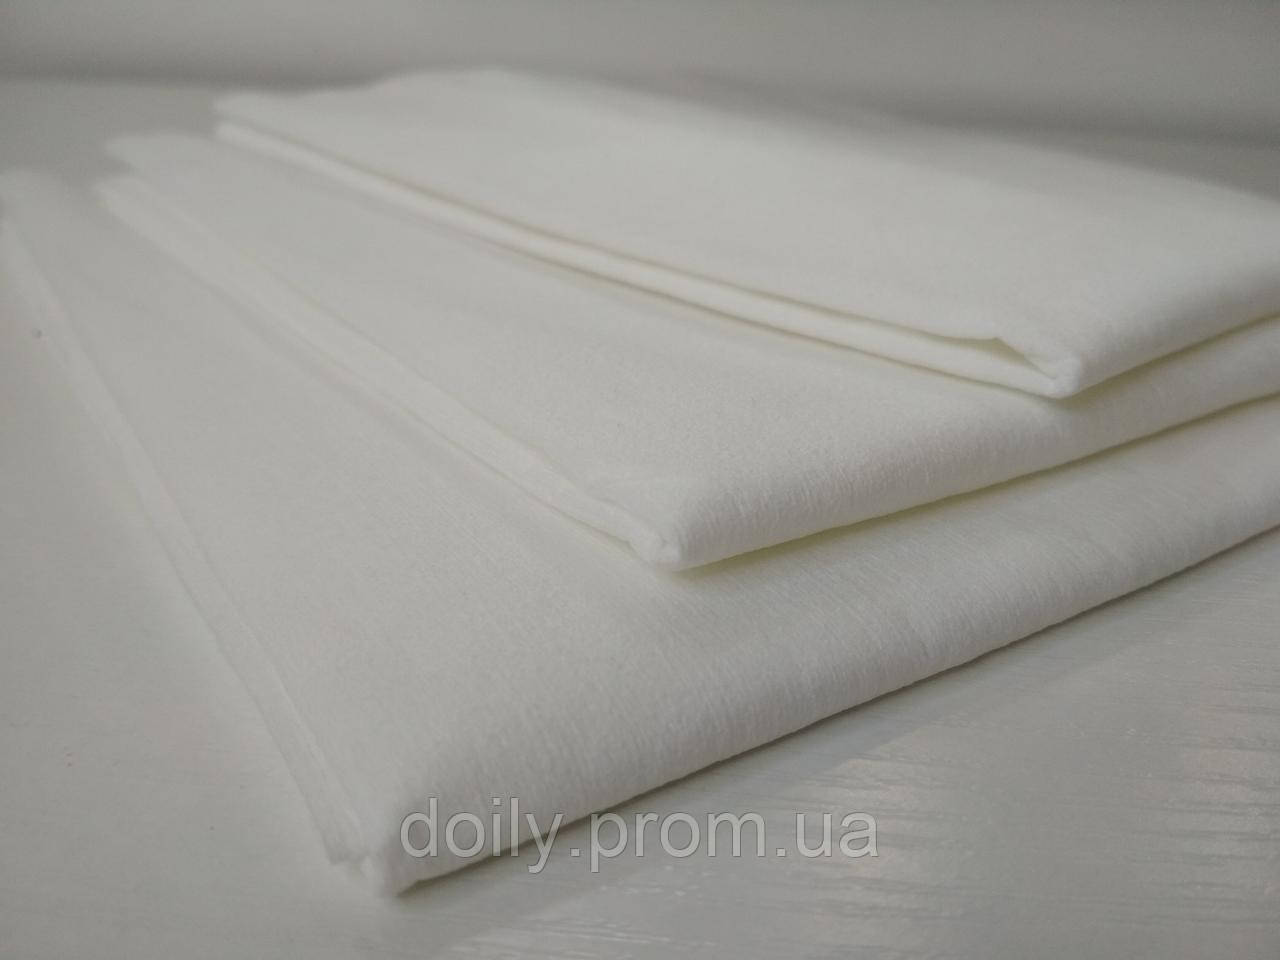 Полотенца в пачке AQUA Absorb Doily 40х70 см (20 шт/пач) (4823098703389)